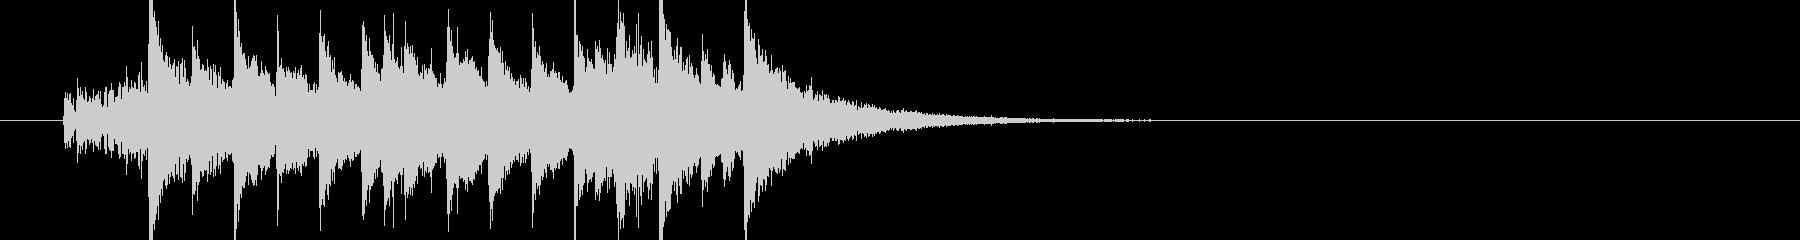 ディズニー風ポップジングル、マーチ(S)の未再生の波形